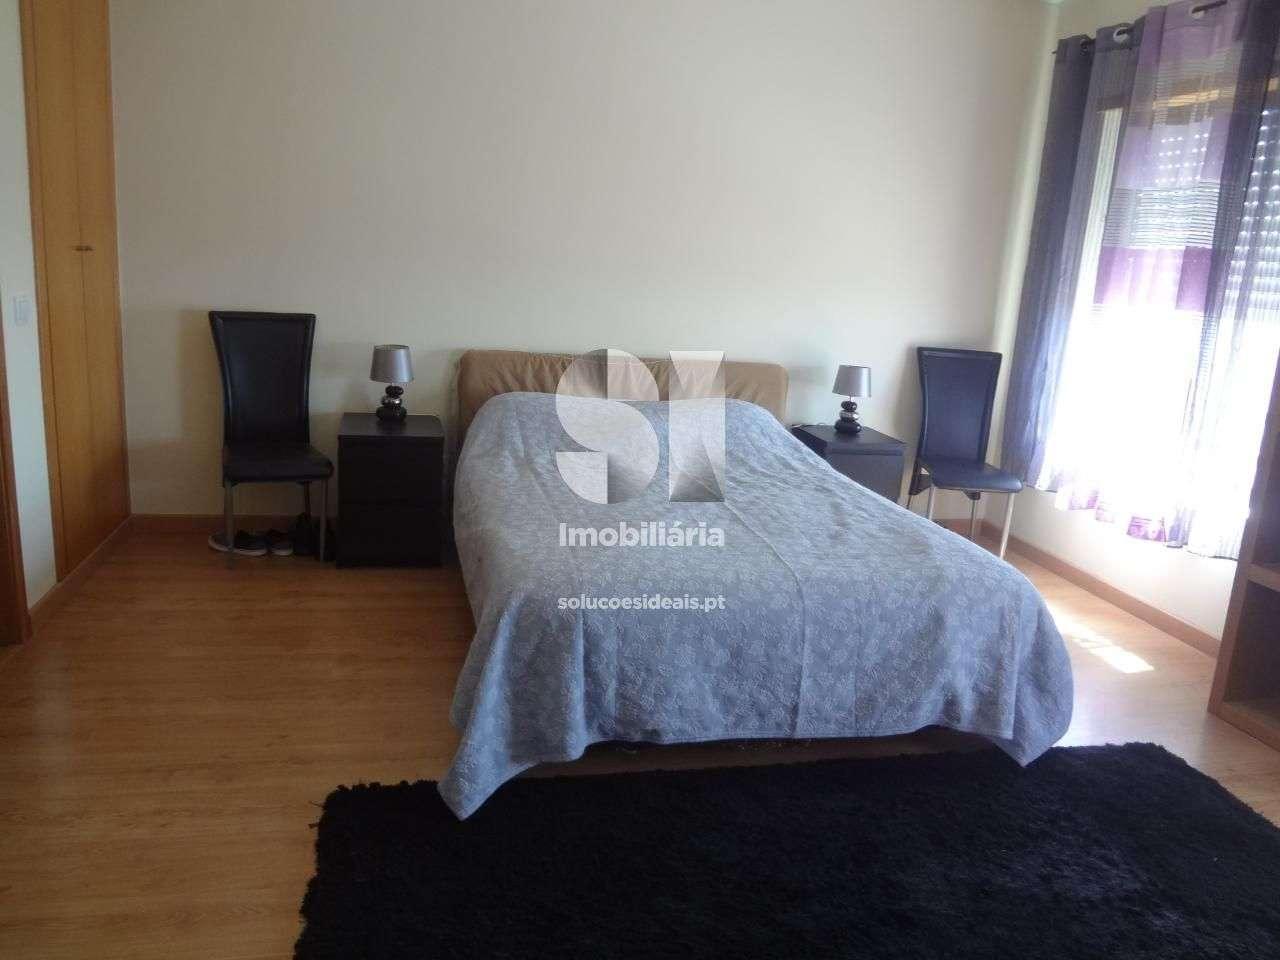 Apartamento para comprar, Caparica e Trafaria, Almada, Setúbal - Foto 8